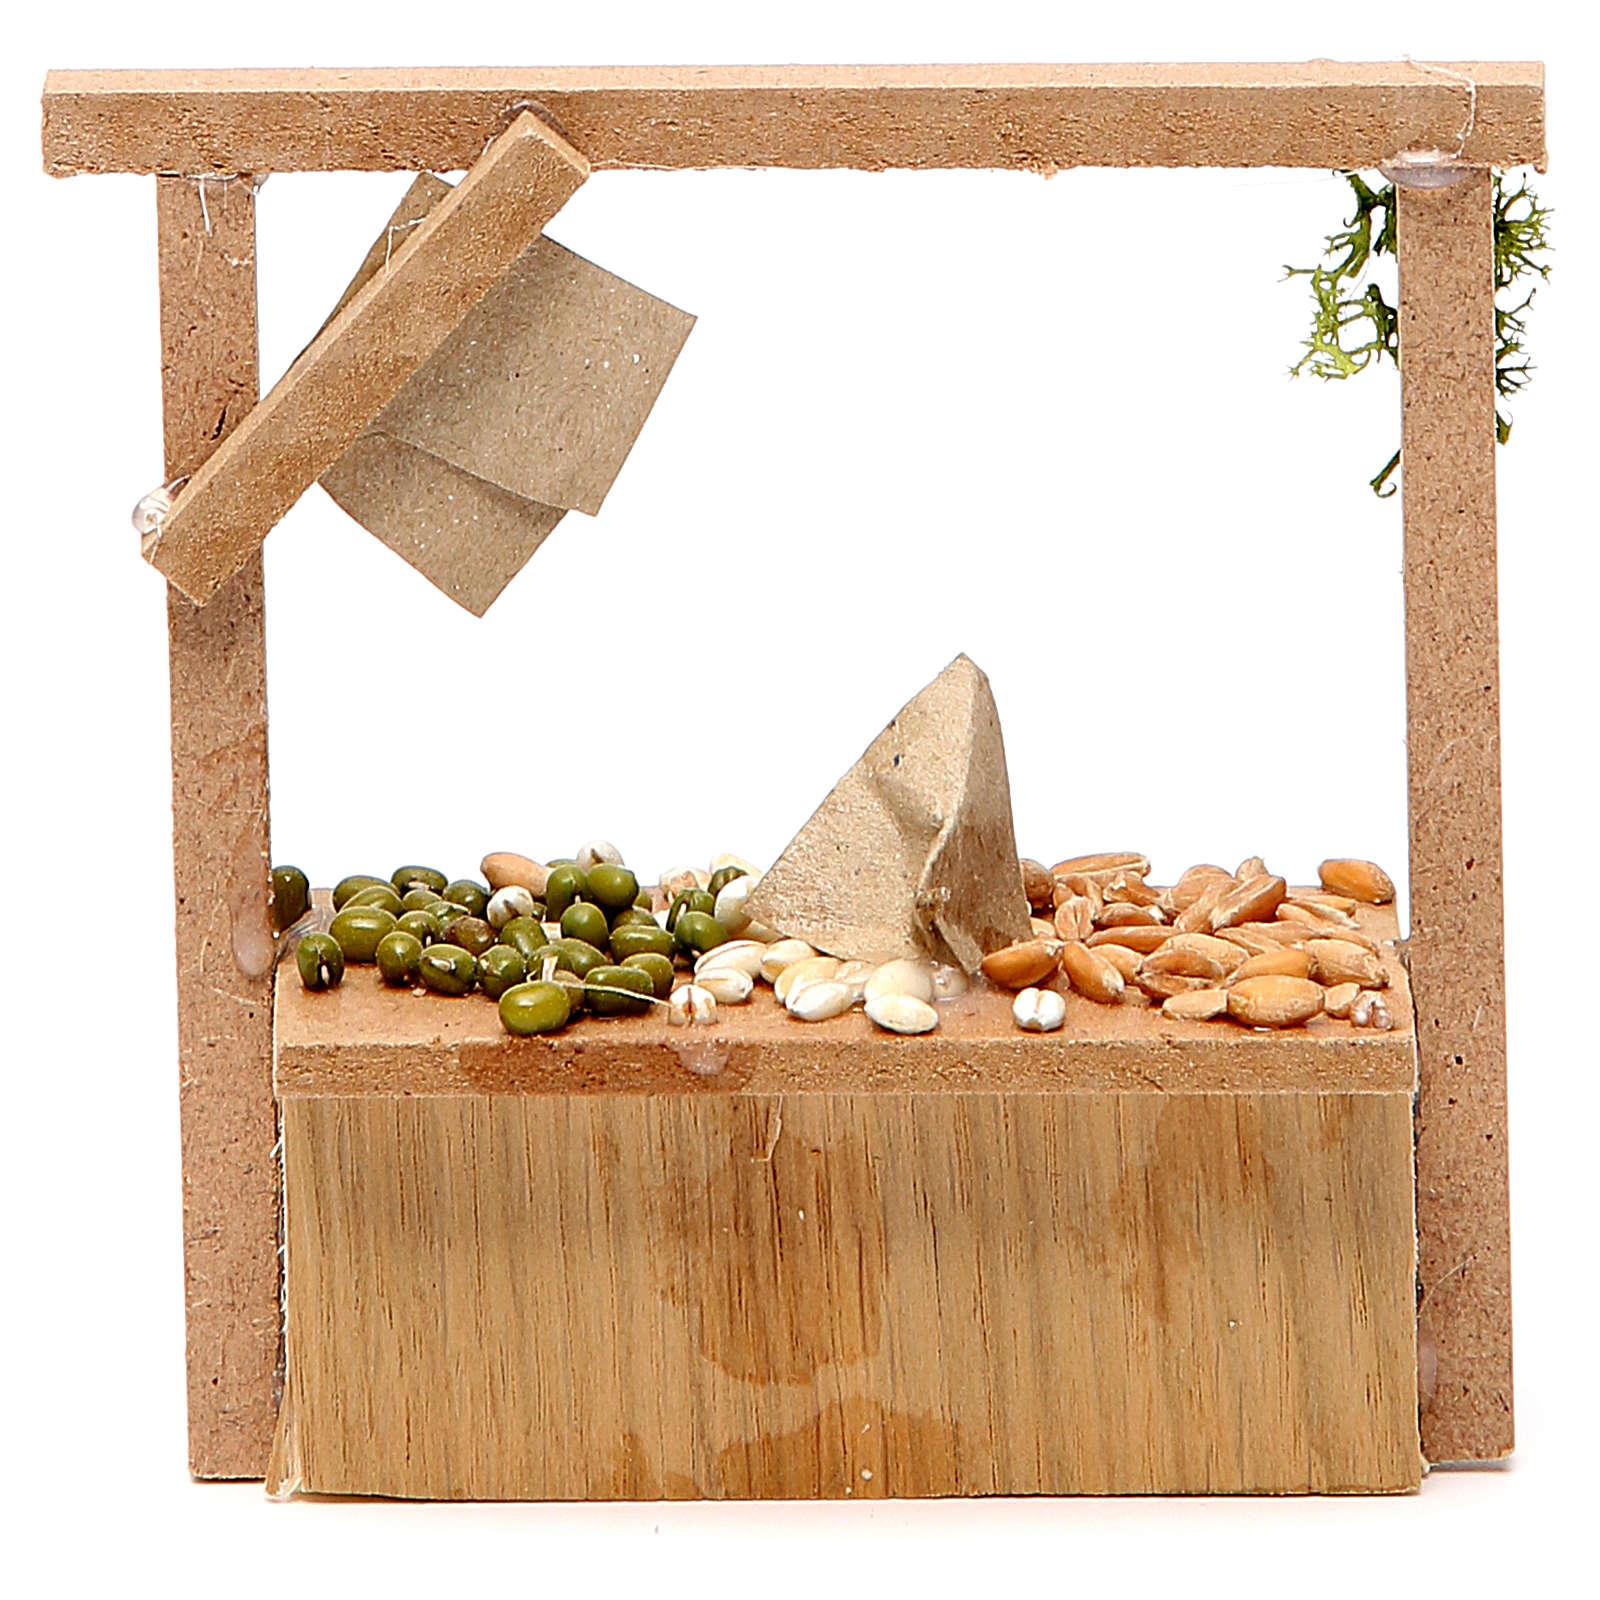 Banchetto presepe cereali olive  10,5x11x4 cm 4